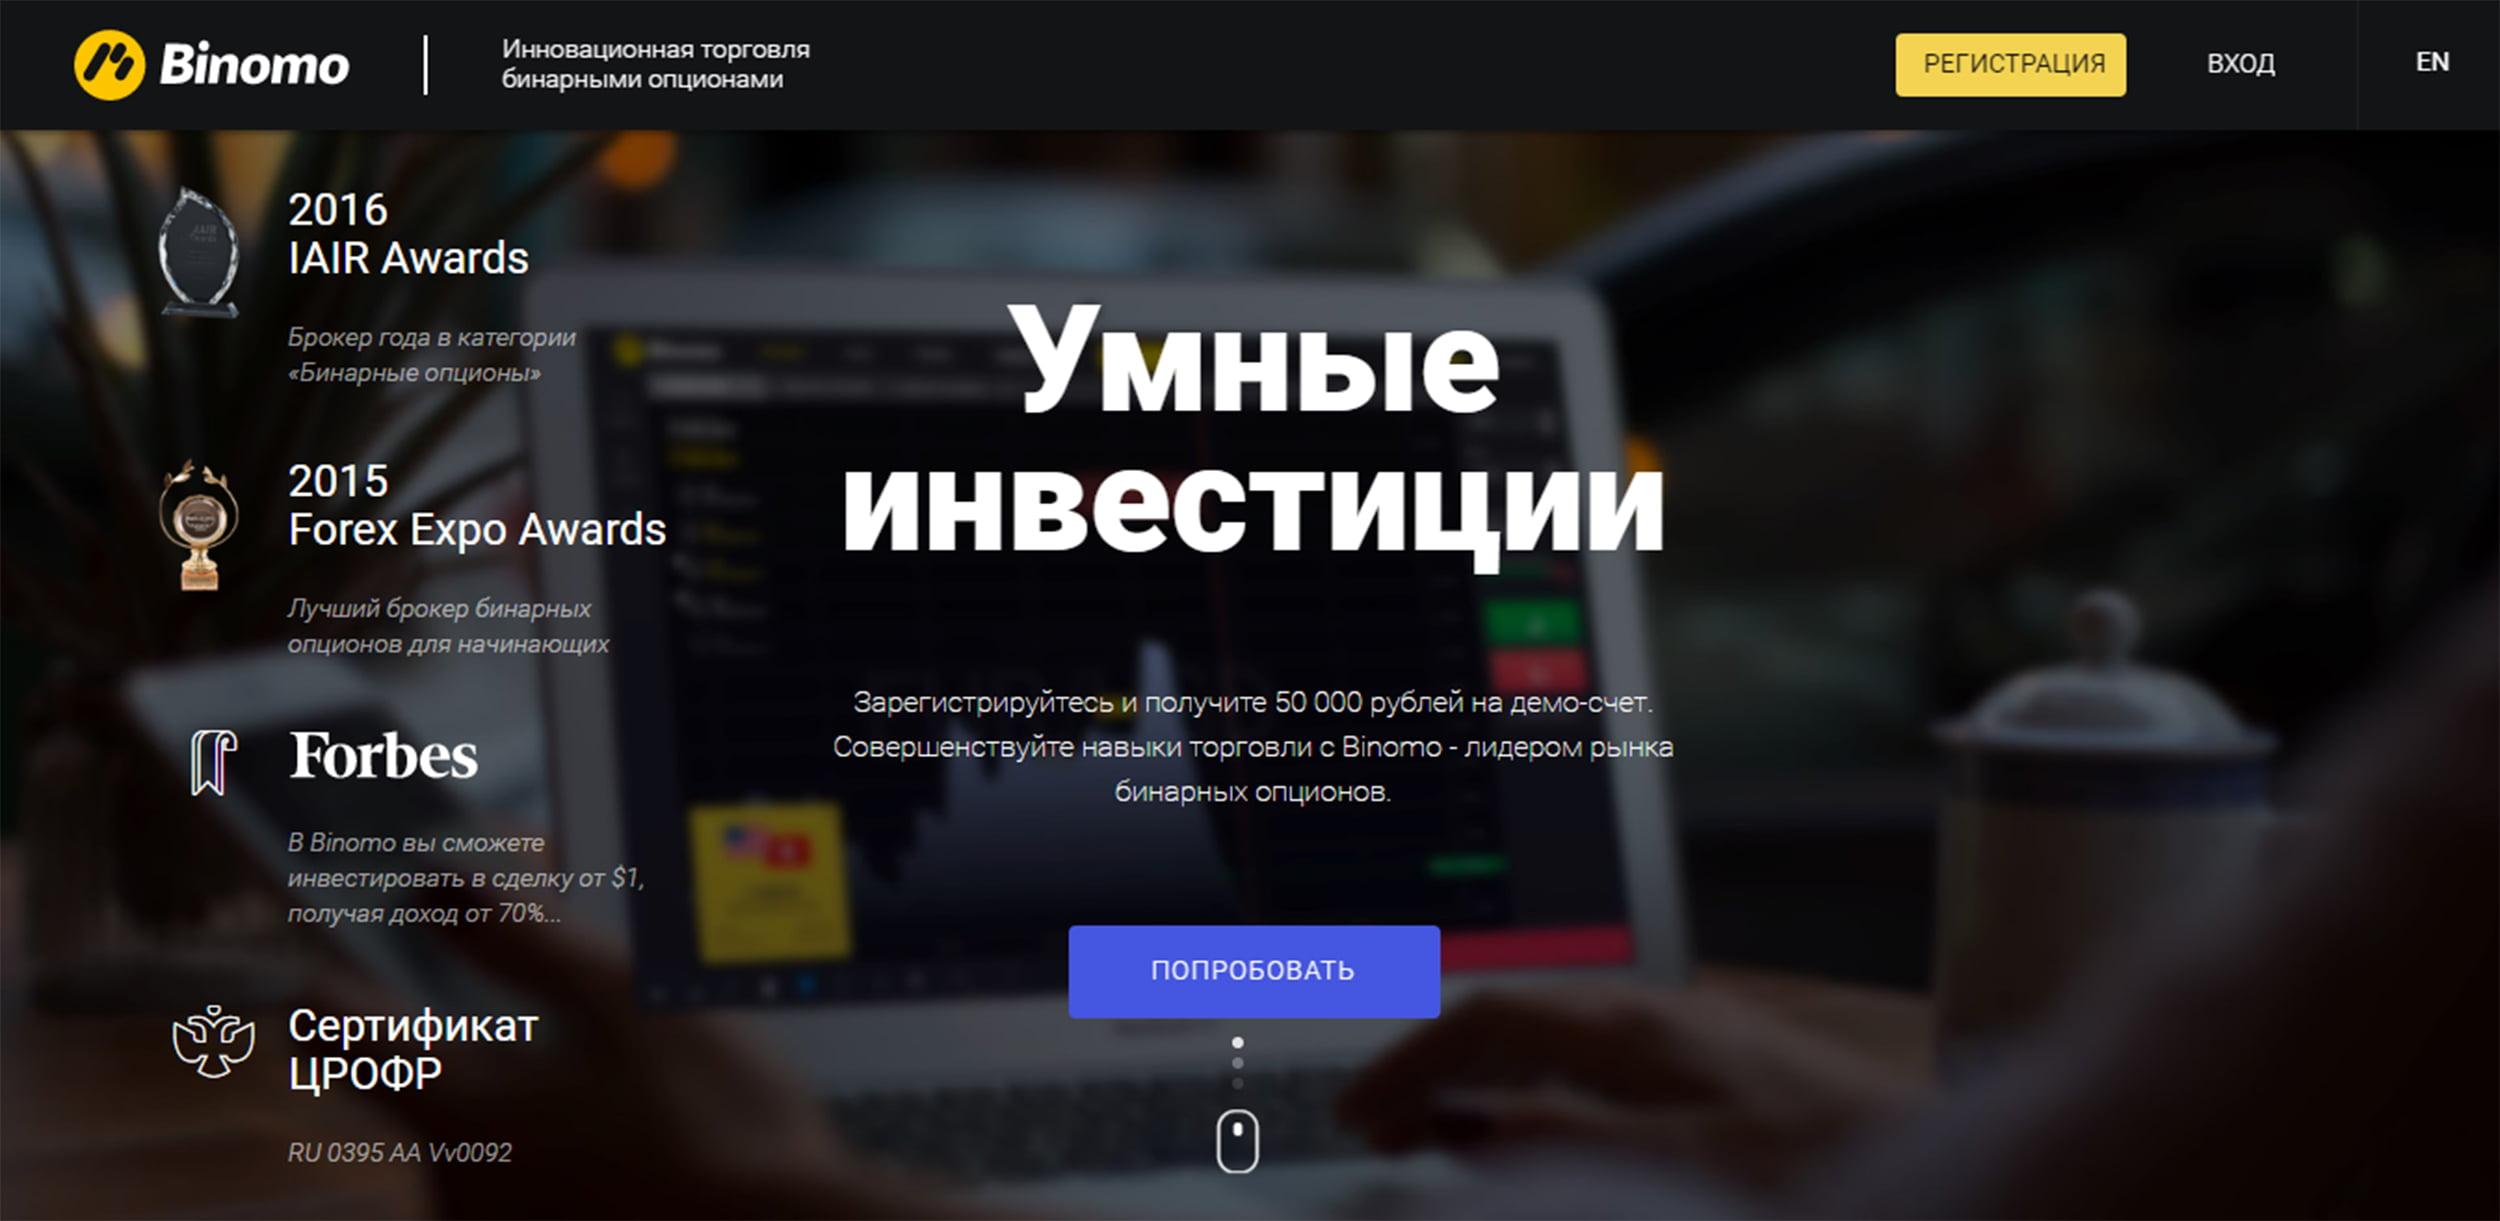 Официальный сайт Биномо